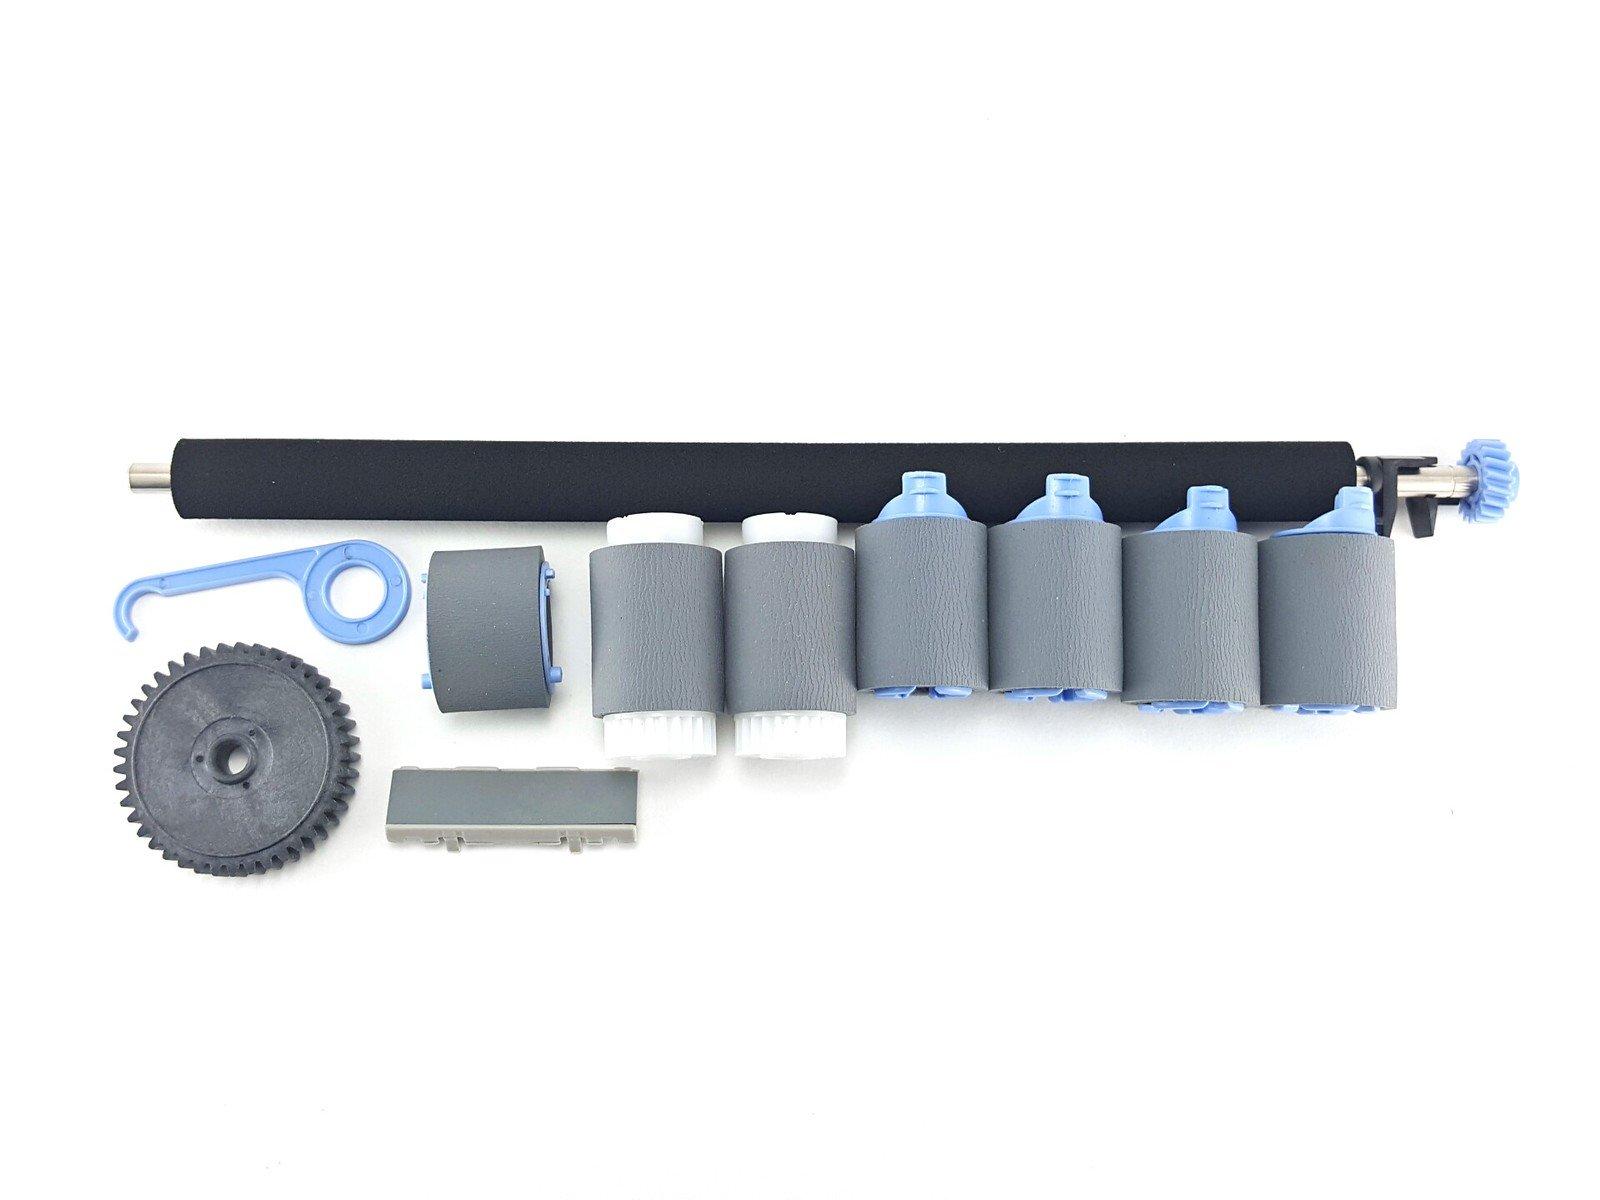 RK-4200 Maintenance Roller Kit for HP LJ 4200 4300 4250 4345 4350